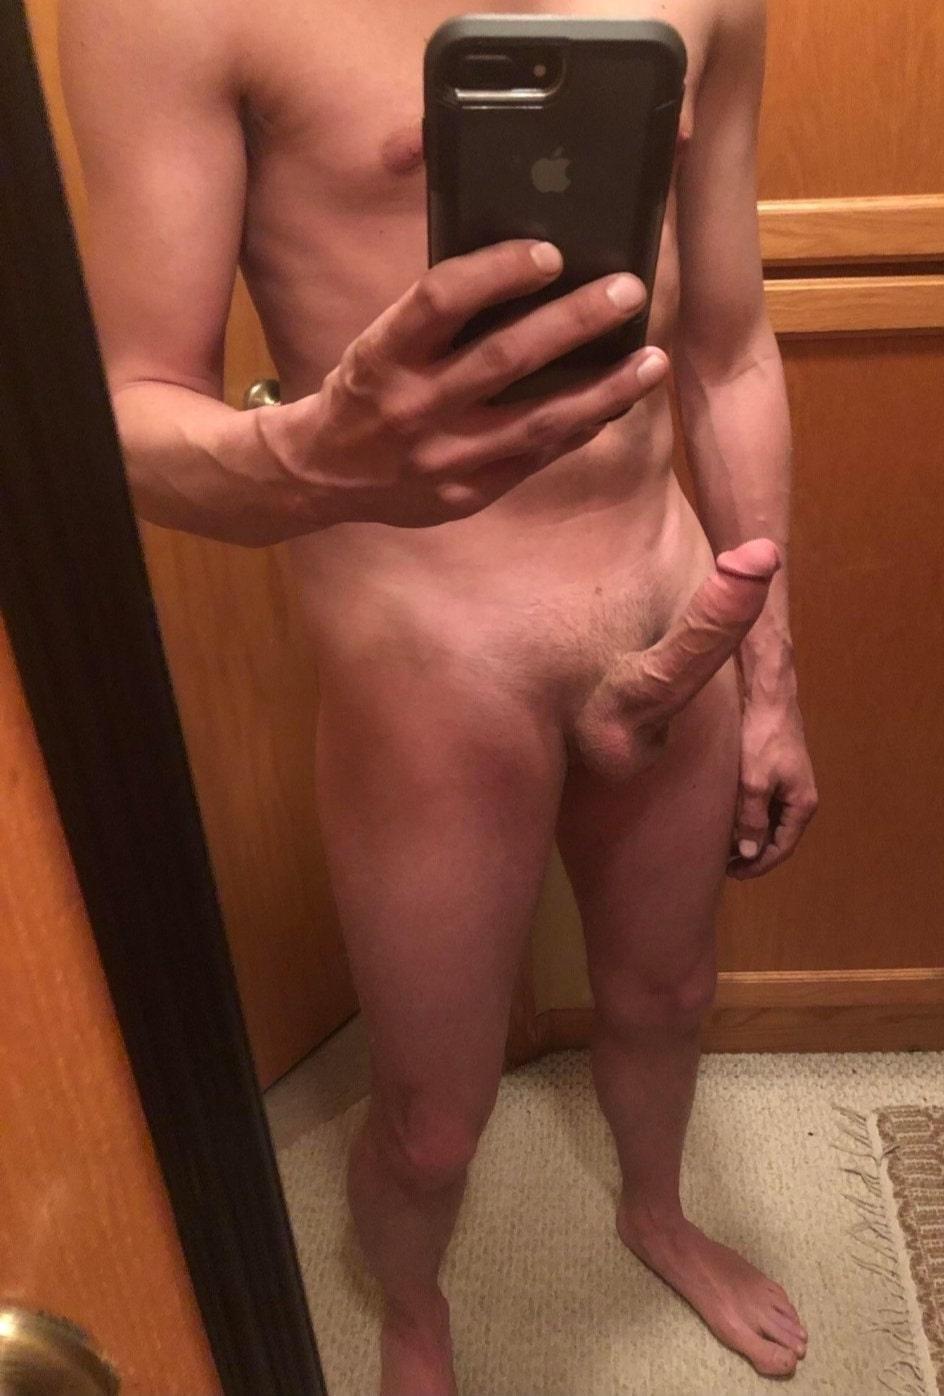 Nude cock selfie